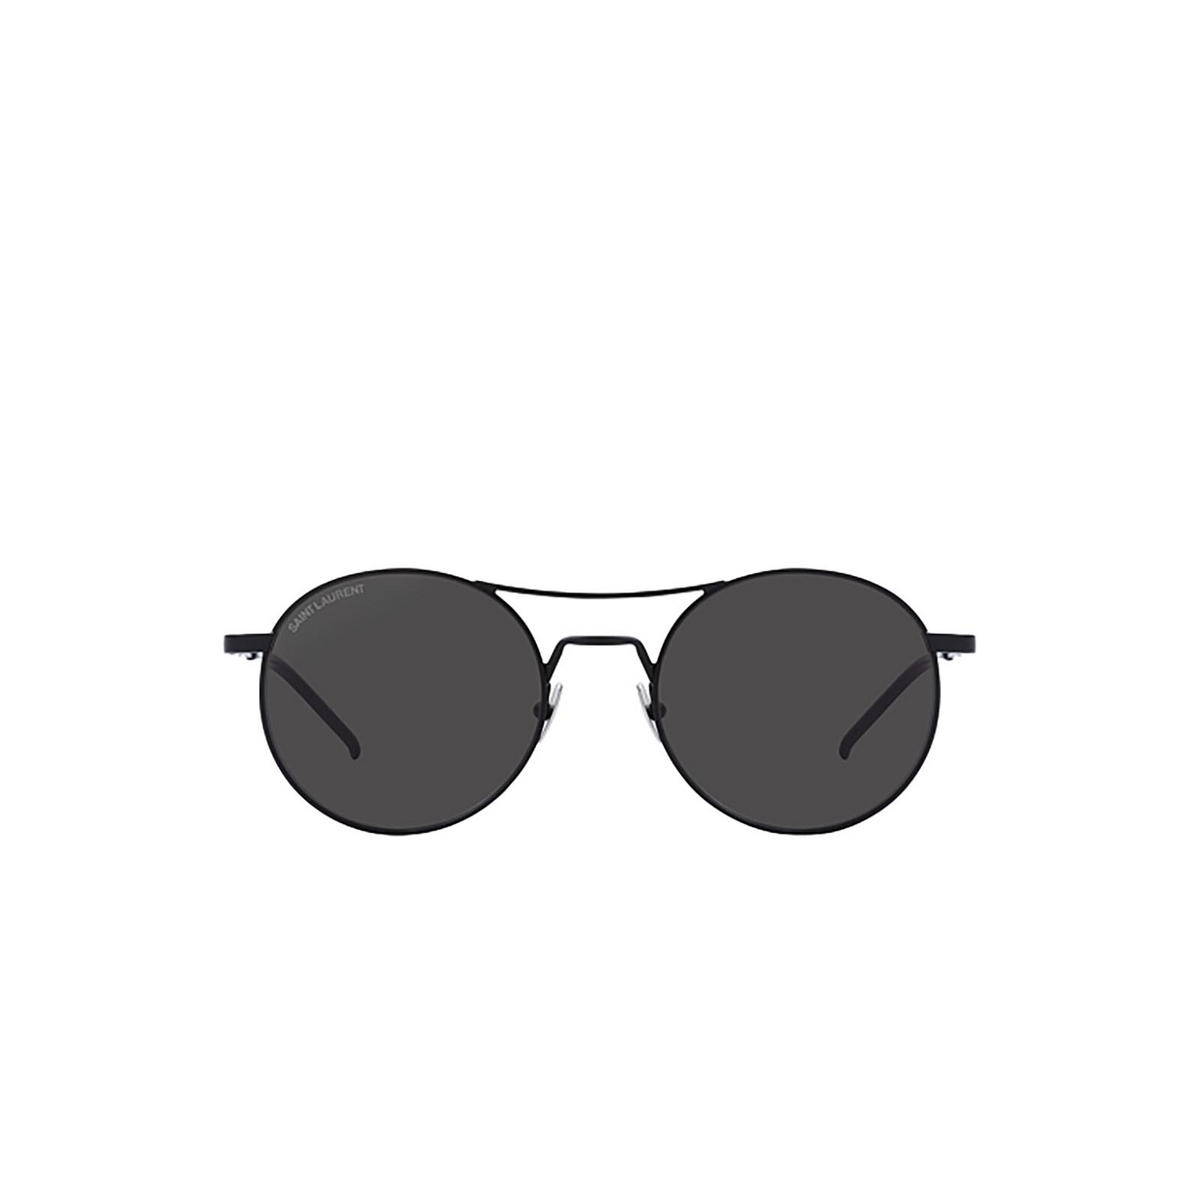 Saint Laurent® Round Sunglasses: SL 421 color Black 001 - front view.